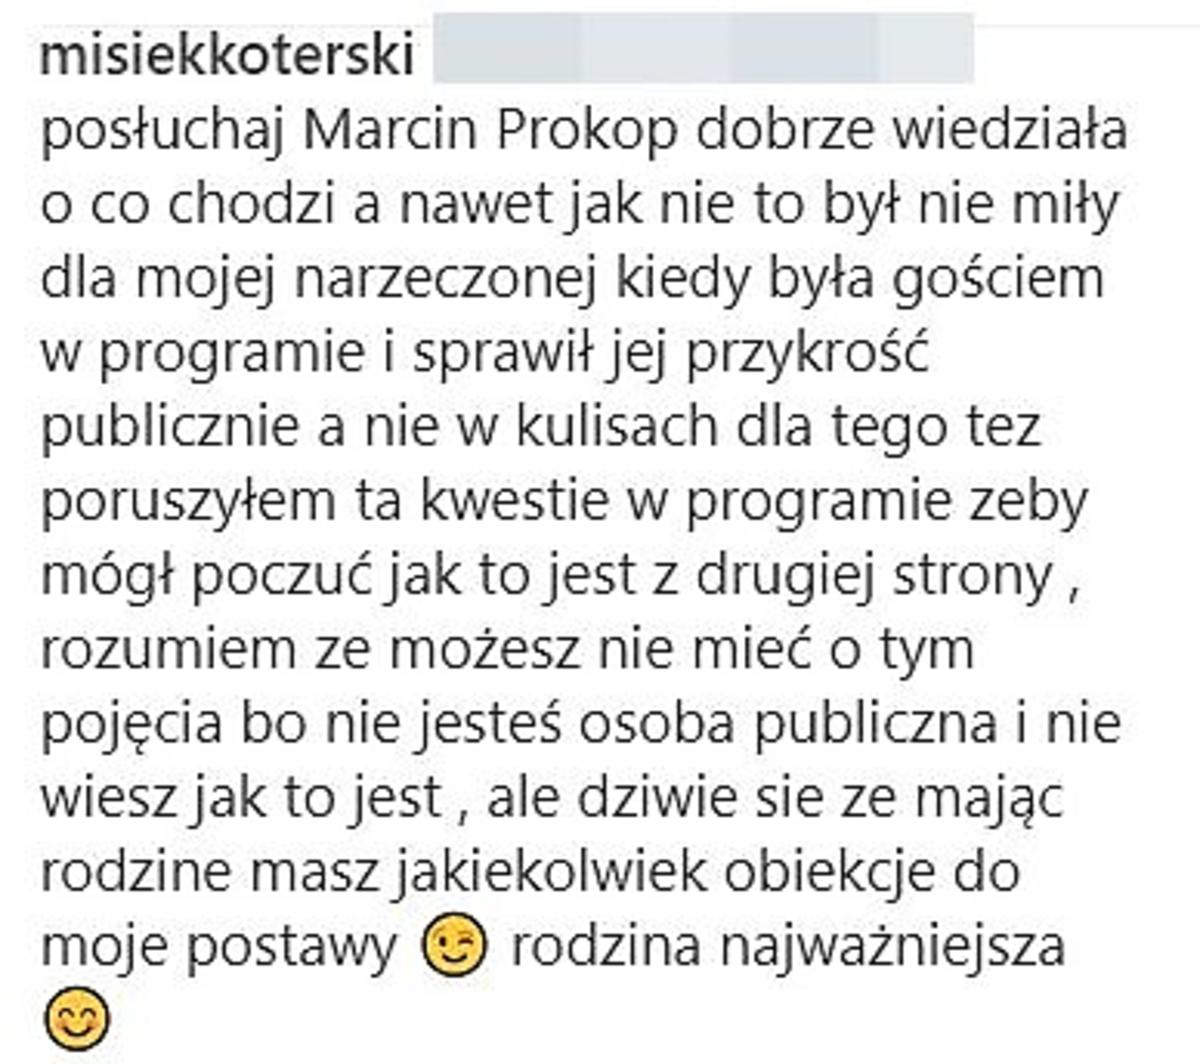 Misiek Koterski komentuje swoje zachowanie w DDTVN